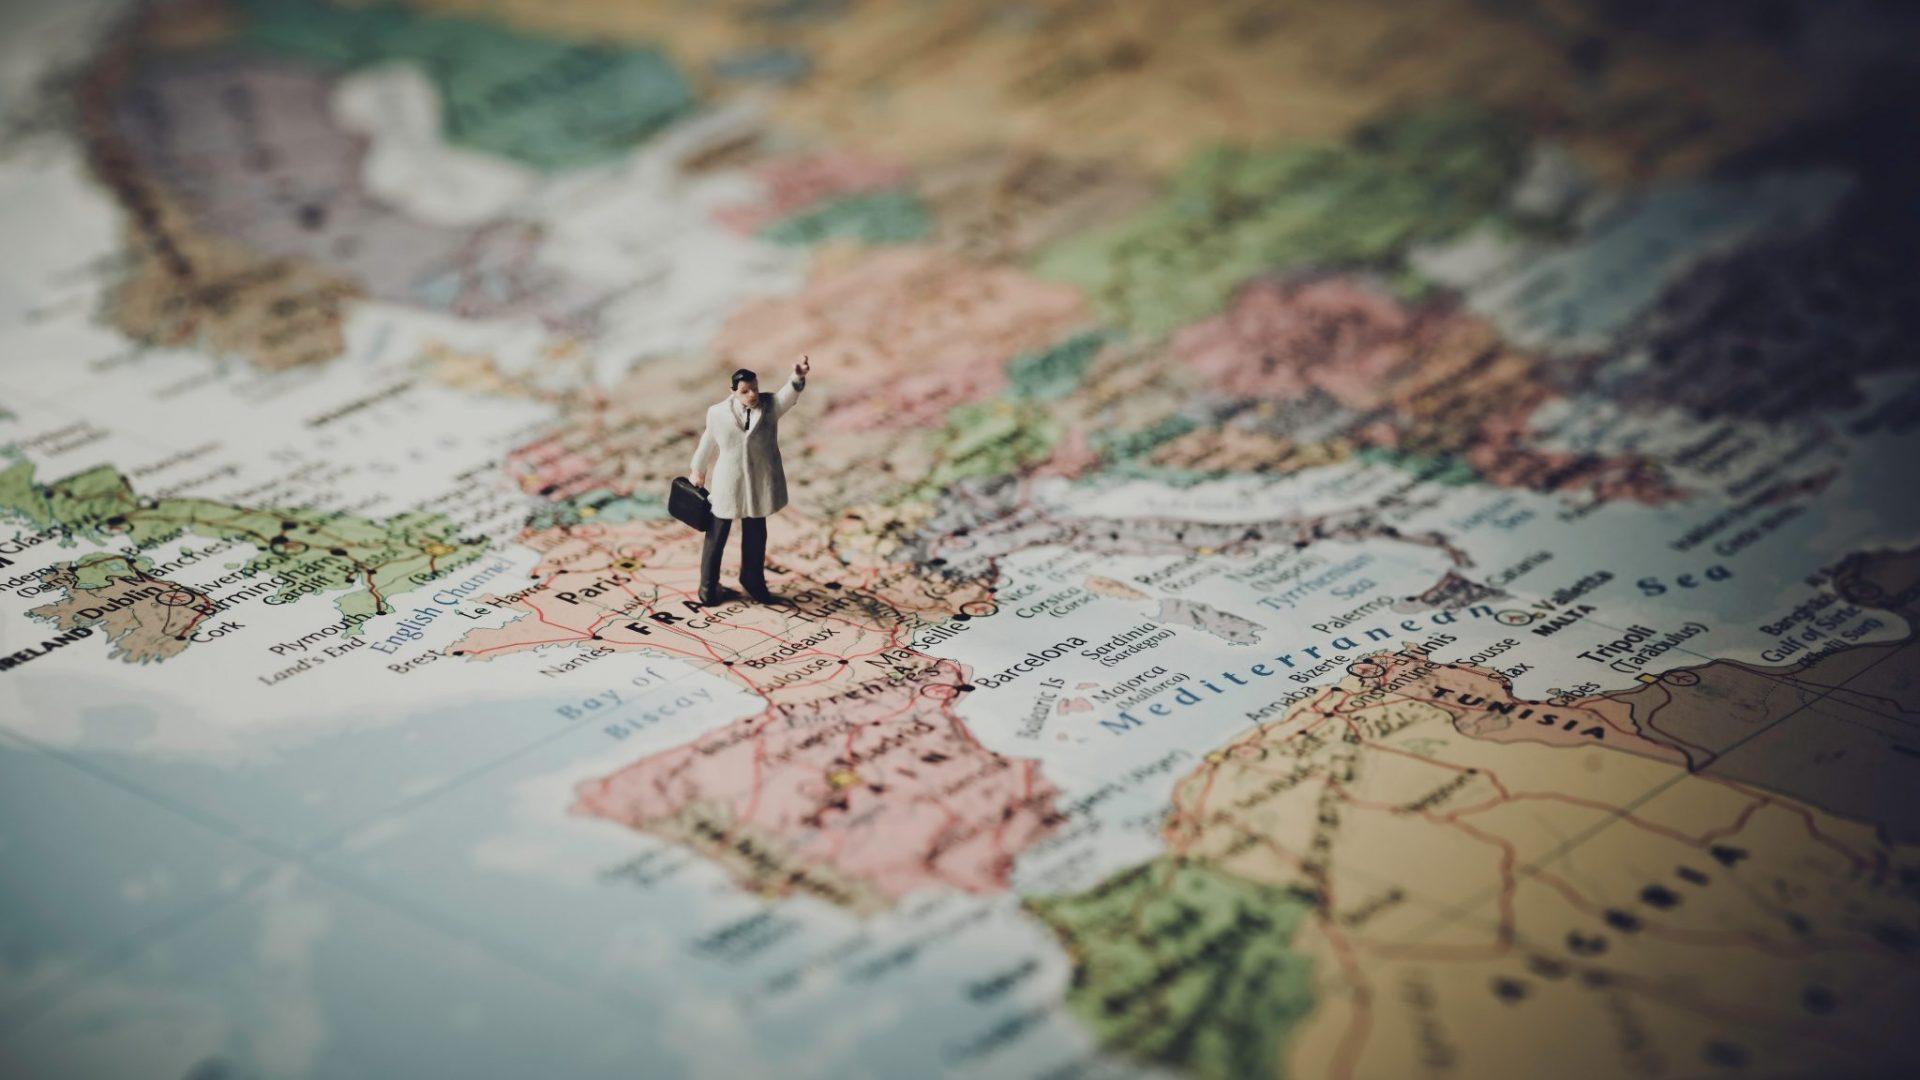 Une figurine sur une carte géographique